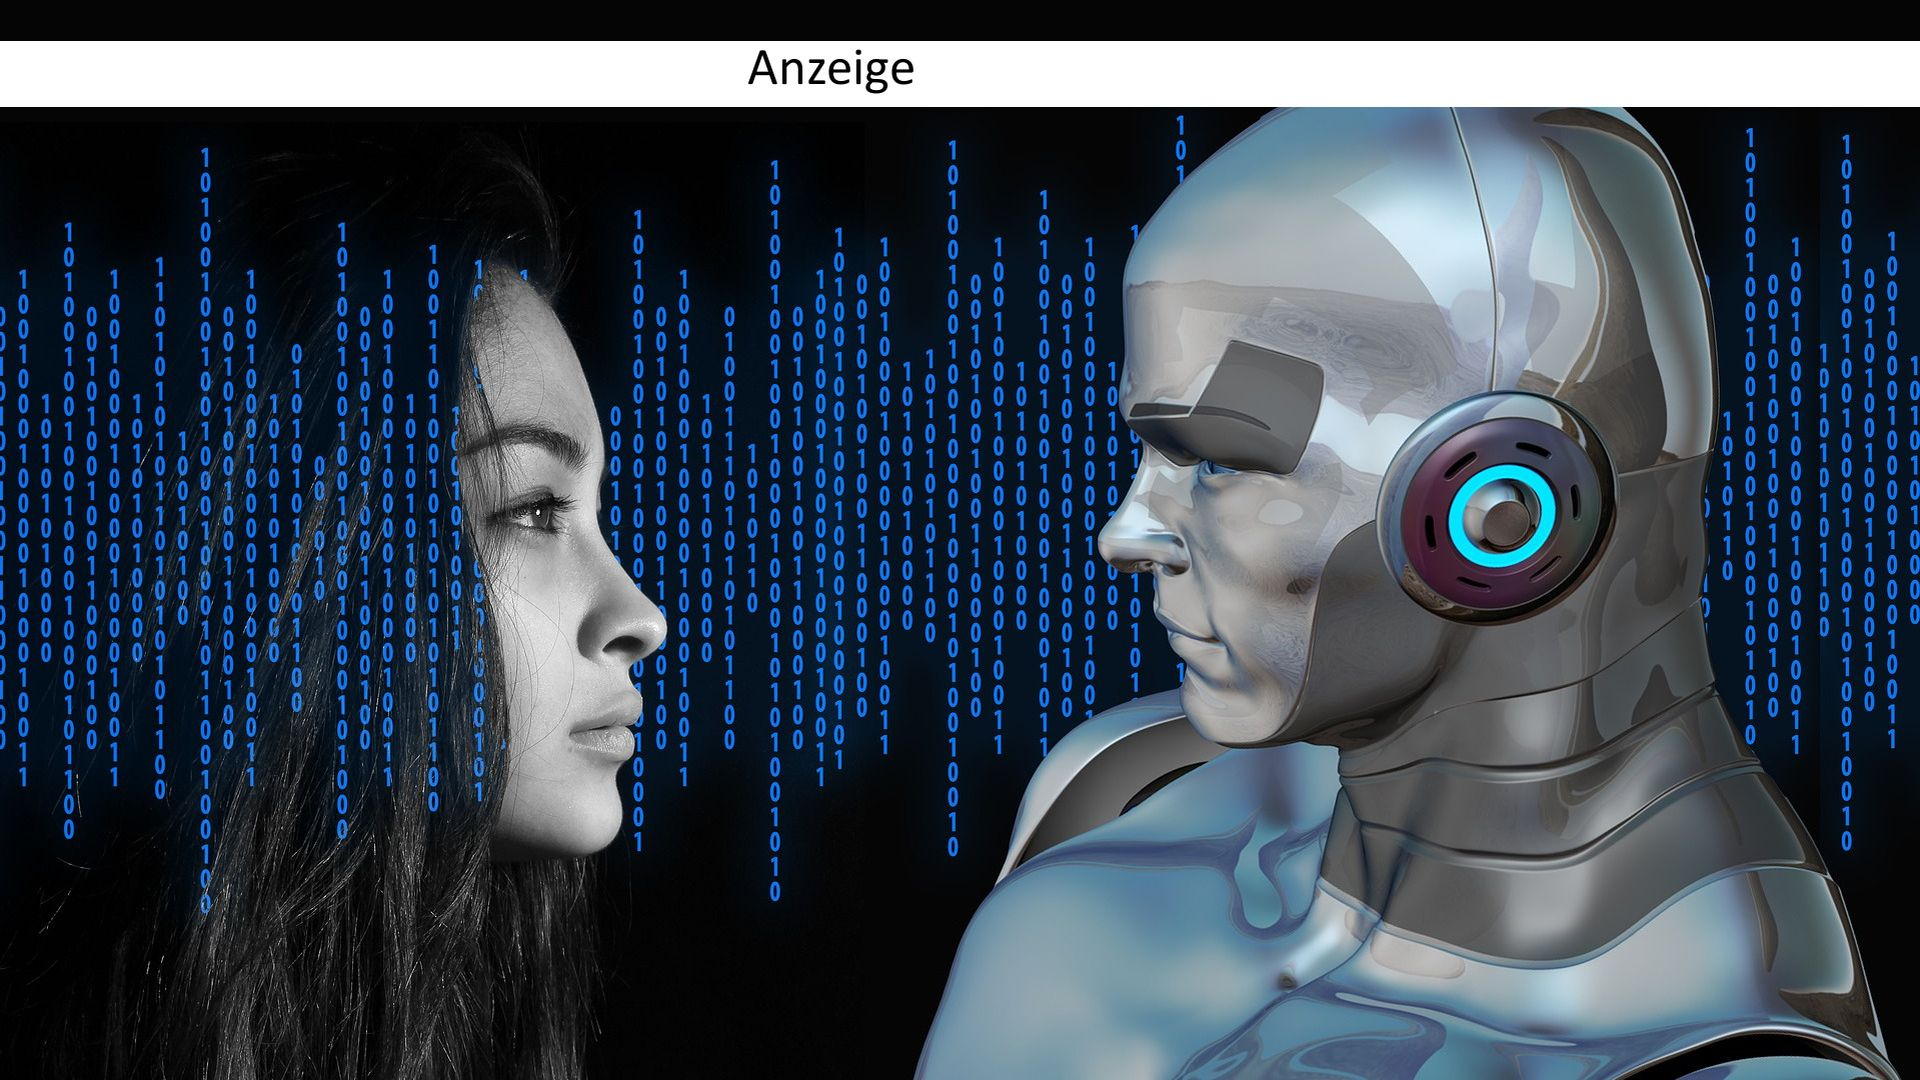 Talkrunde zu Künstlicher Intelligenz